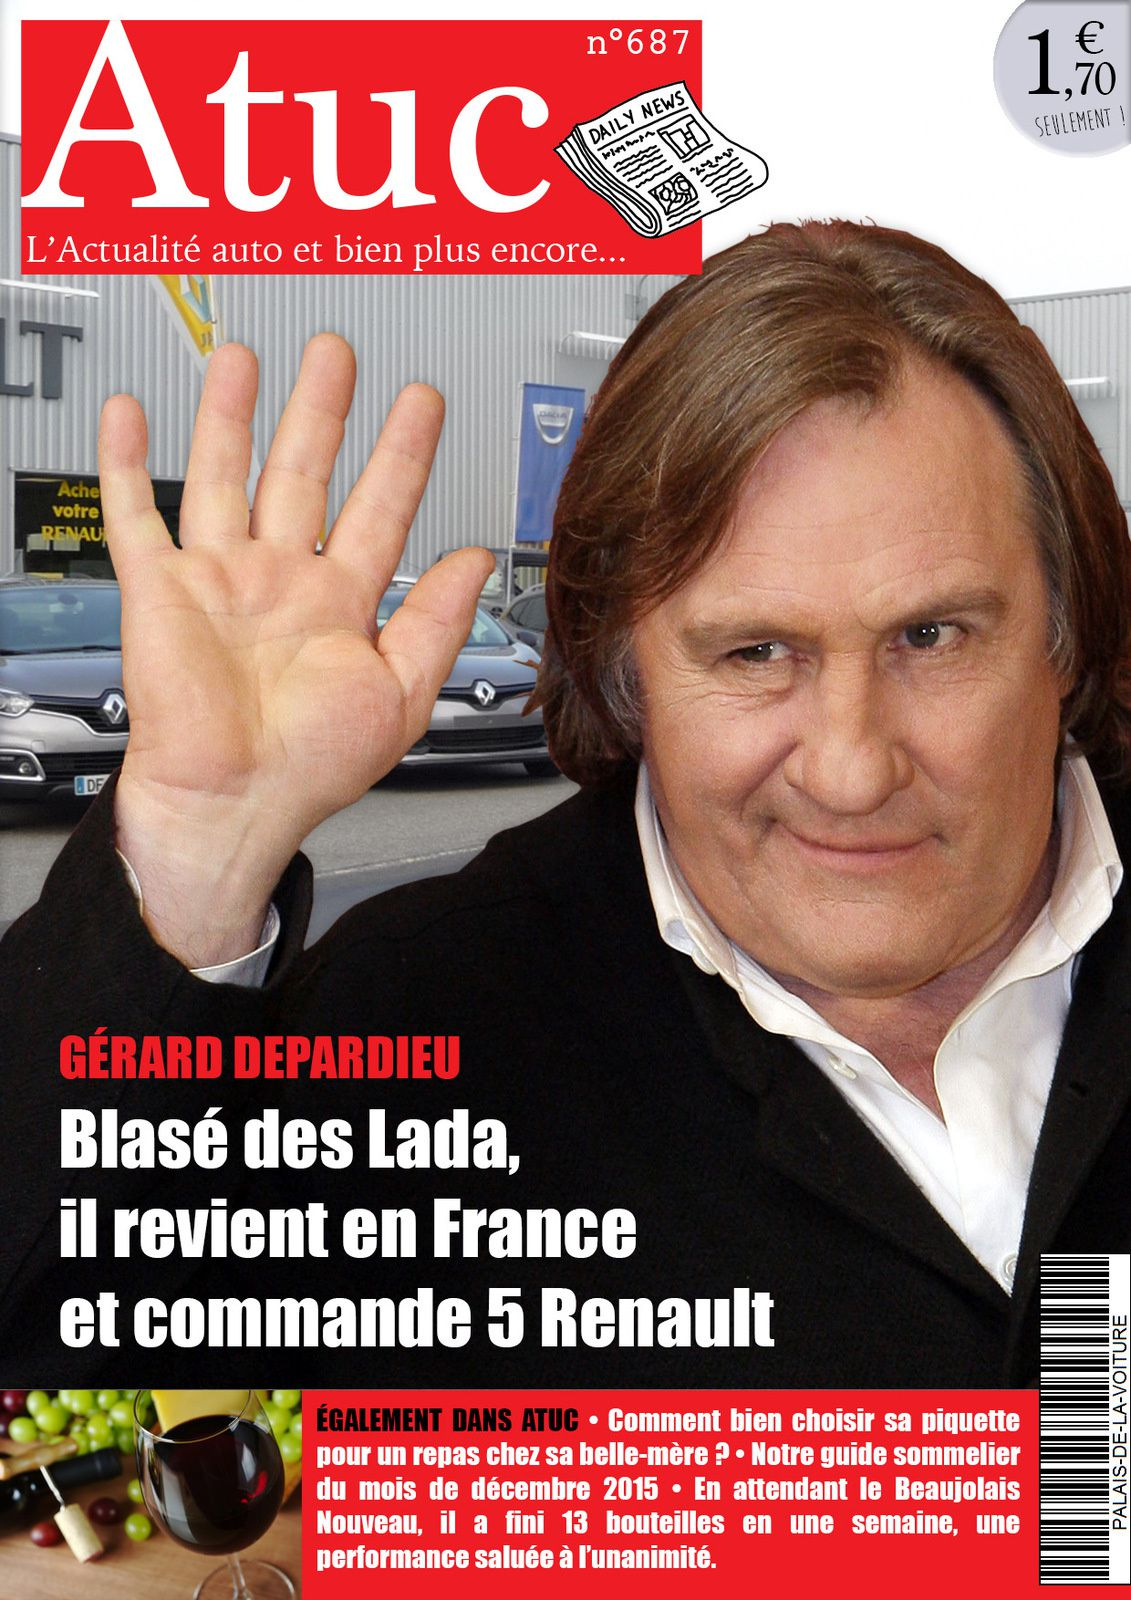 Atuc n°687 • Blasé des Lada, Gérard Depardieu revient en France et commande 5 Renault !